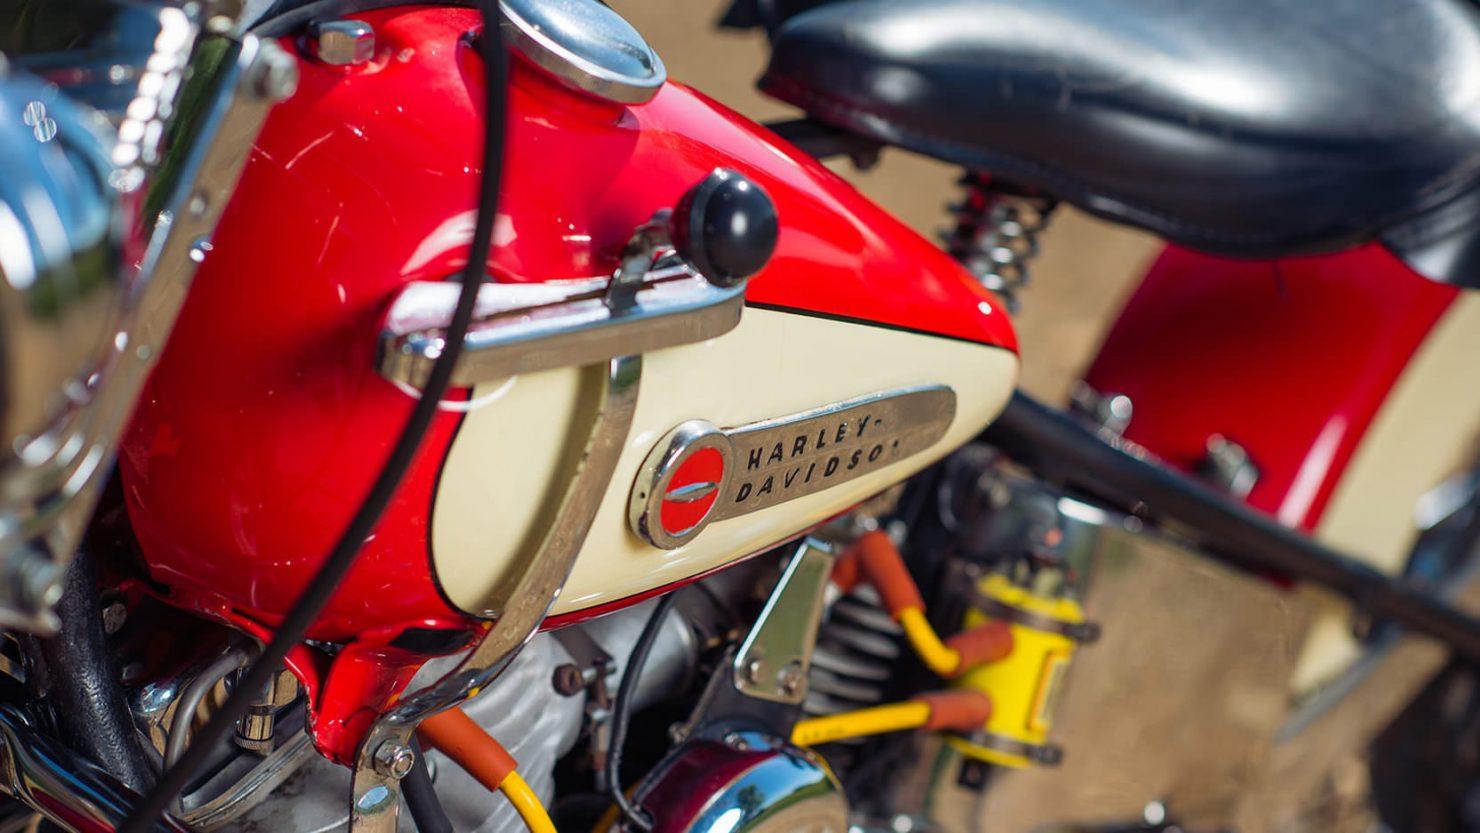 Harley Davidson FL Panhead 5 1480x833 - 1949 Harley-Davidson FL Panhead